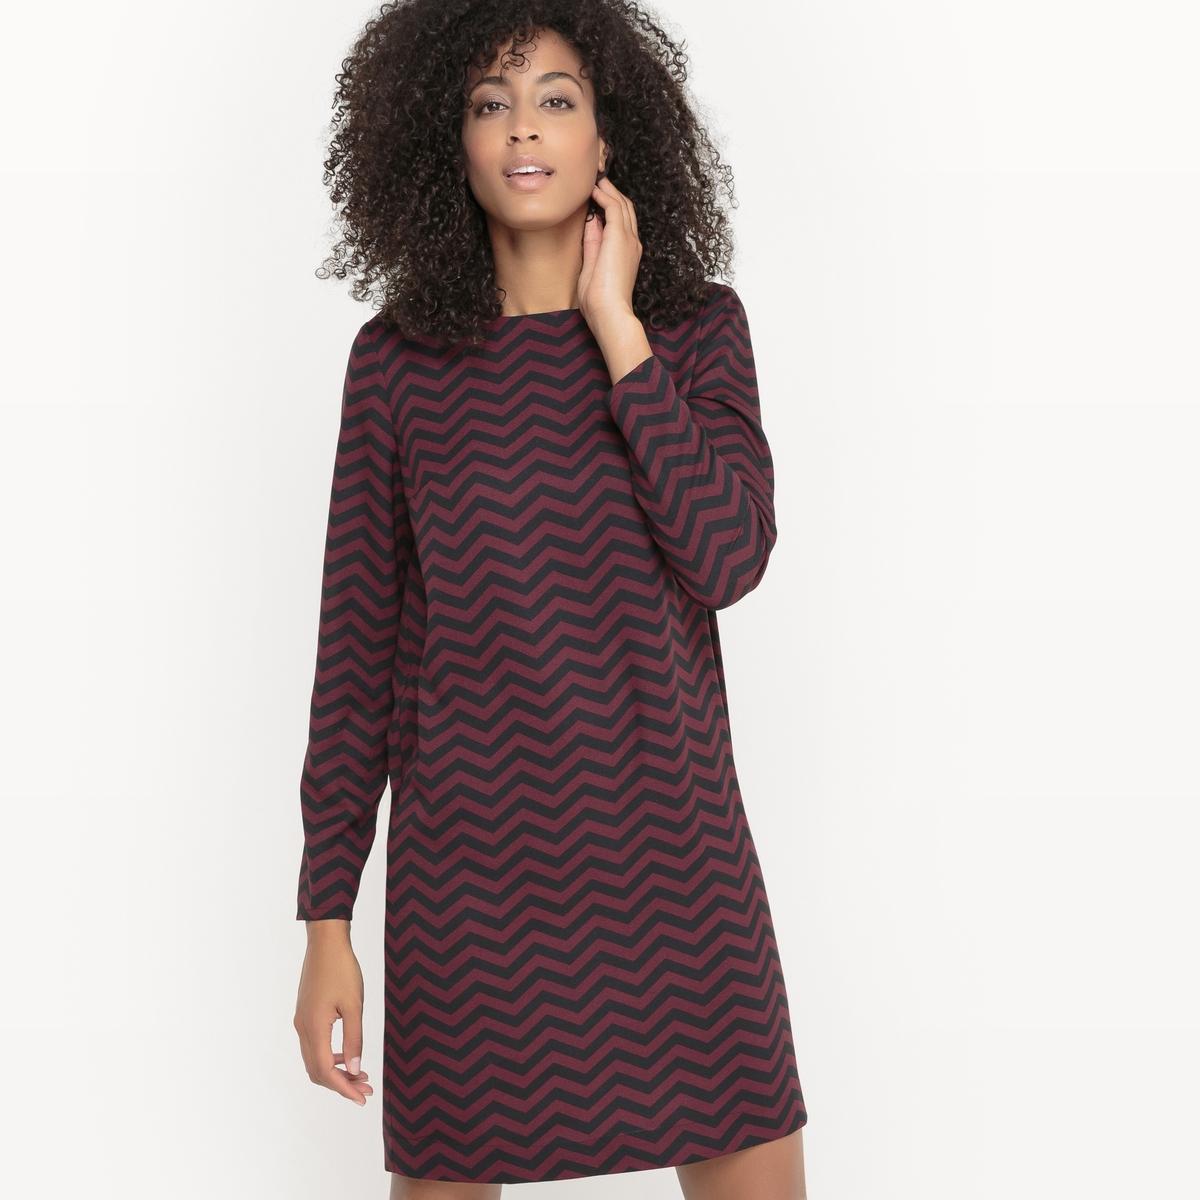 Платье-футляр из крепа, с зигзагообразным рисунком